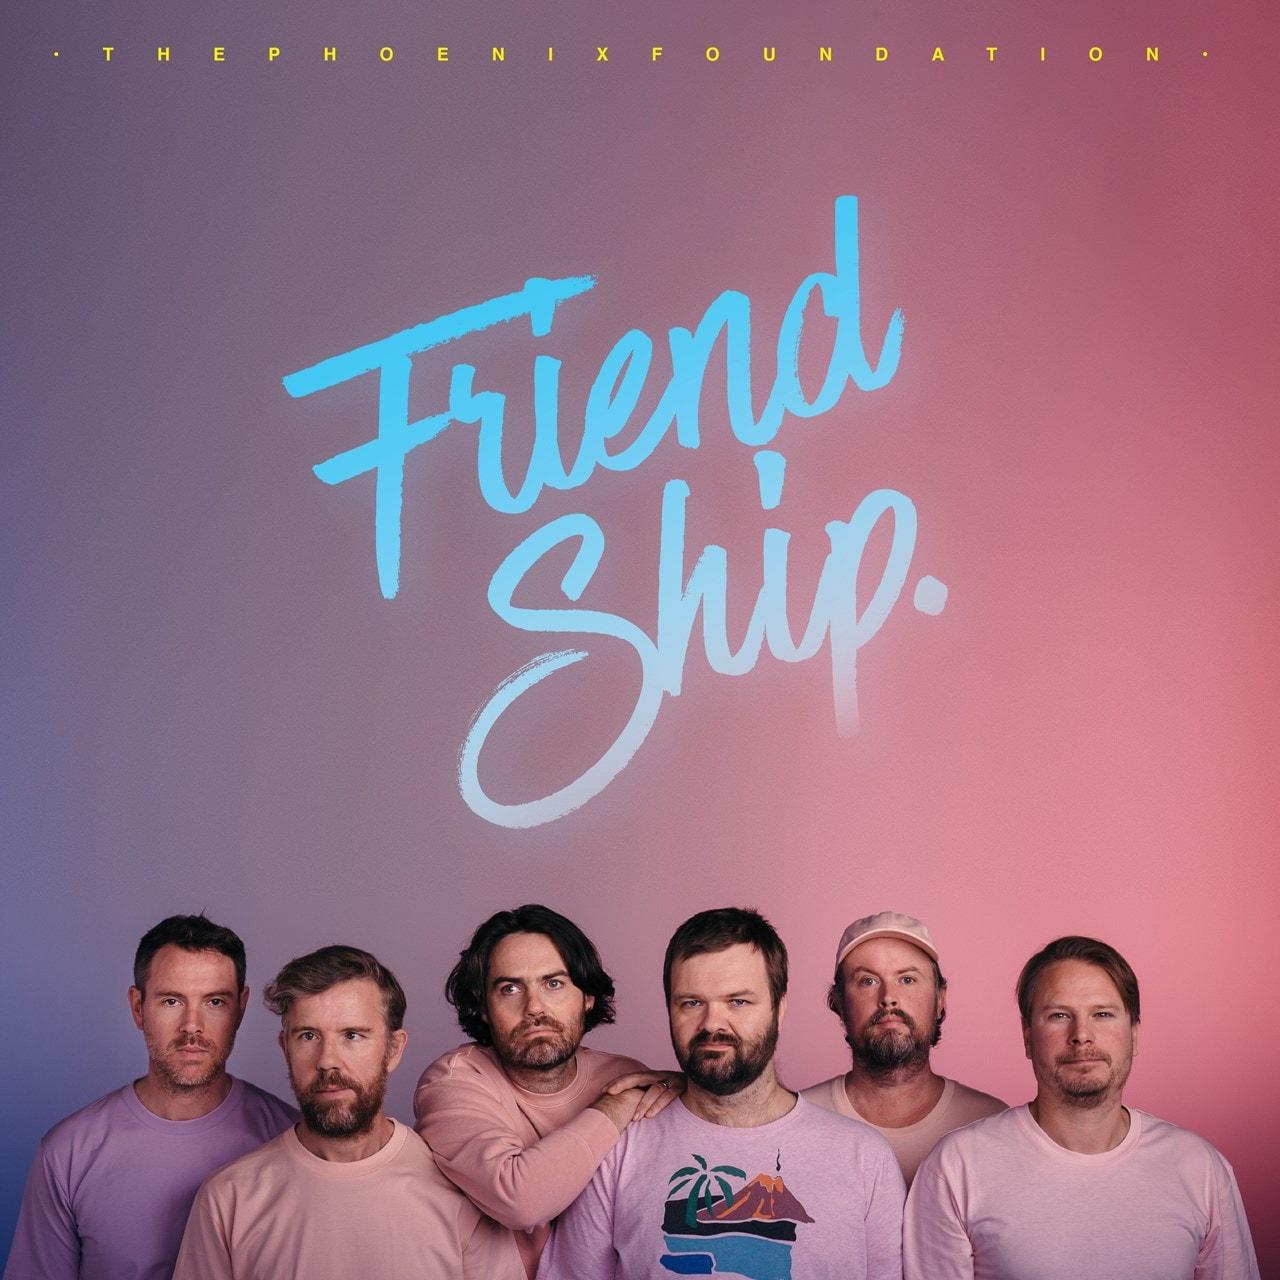 Friend Ship - 1